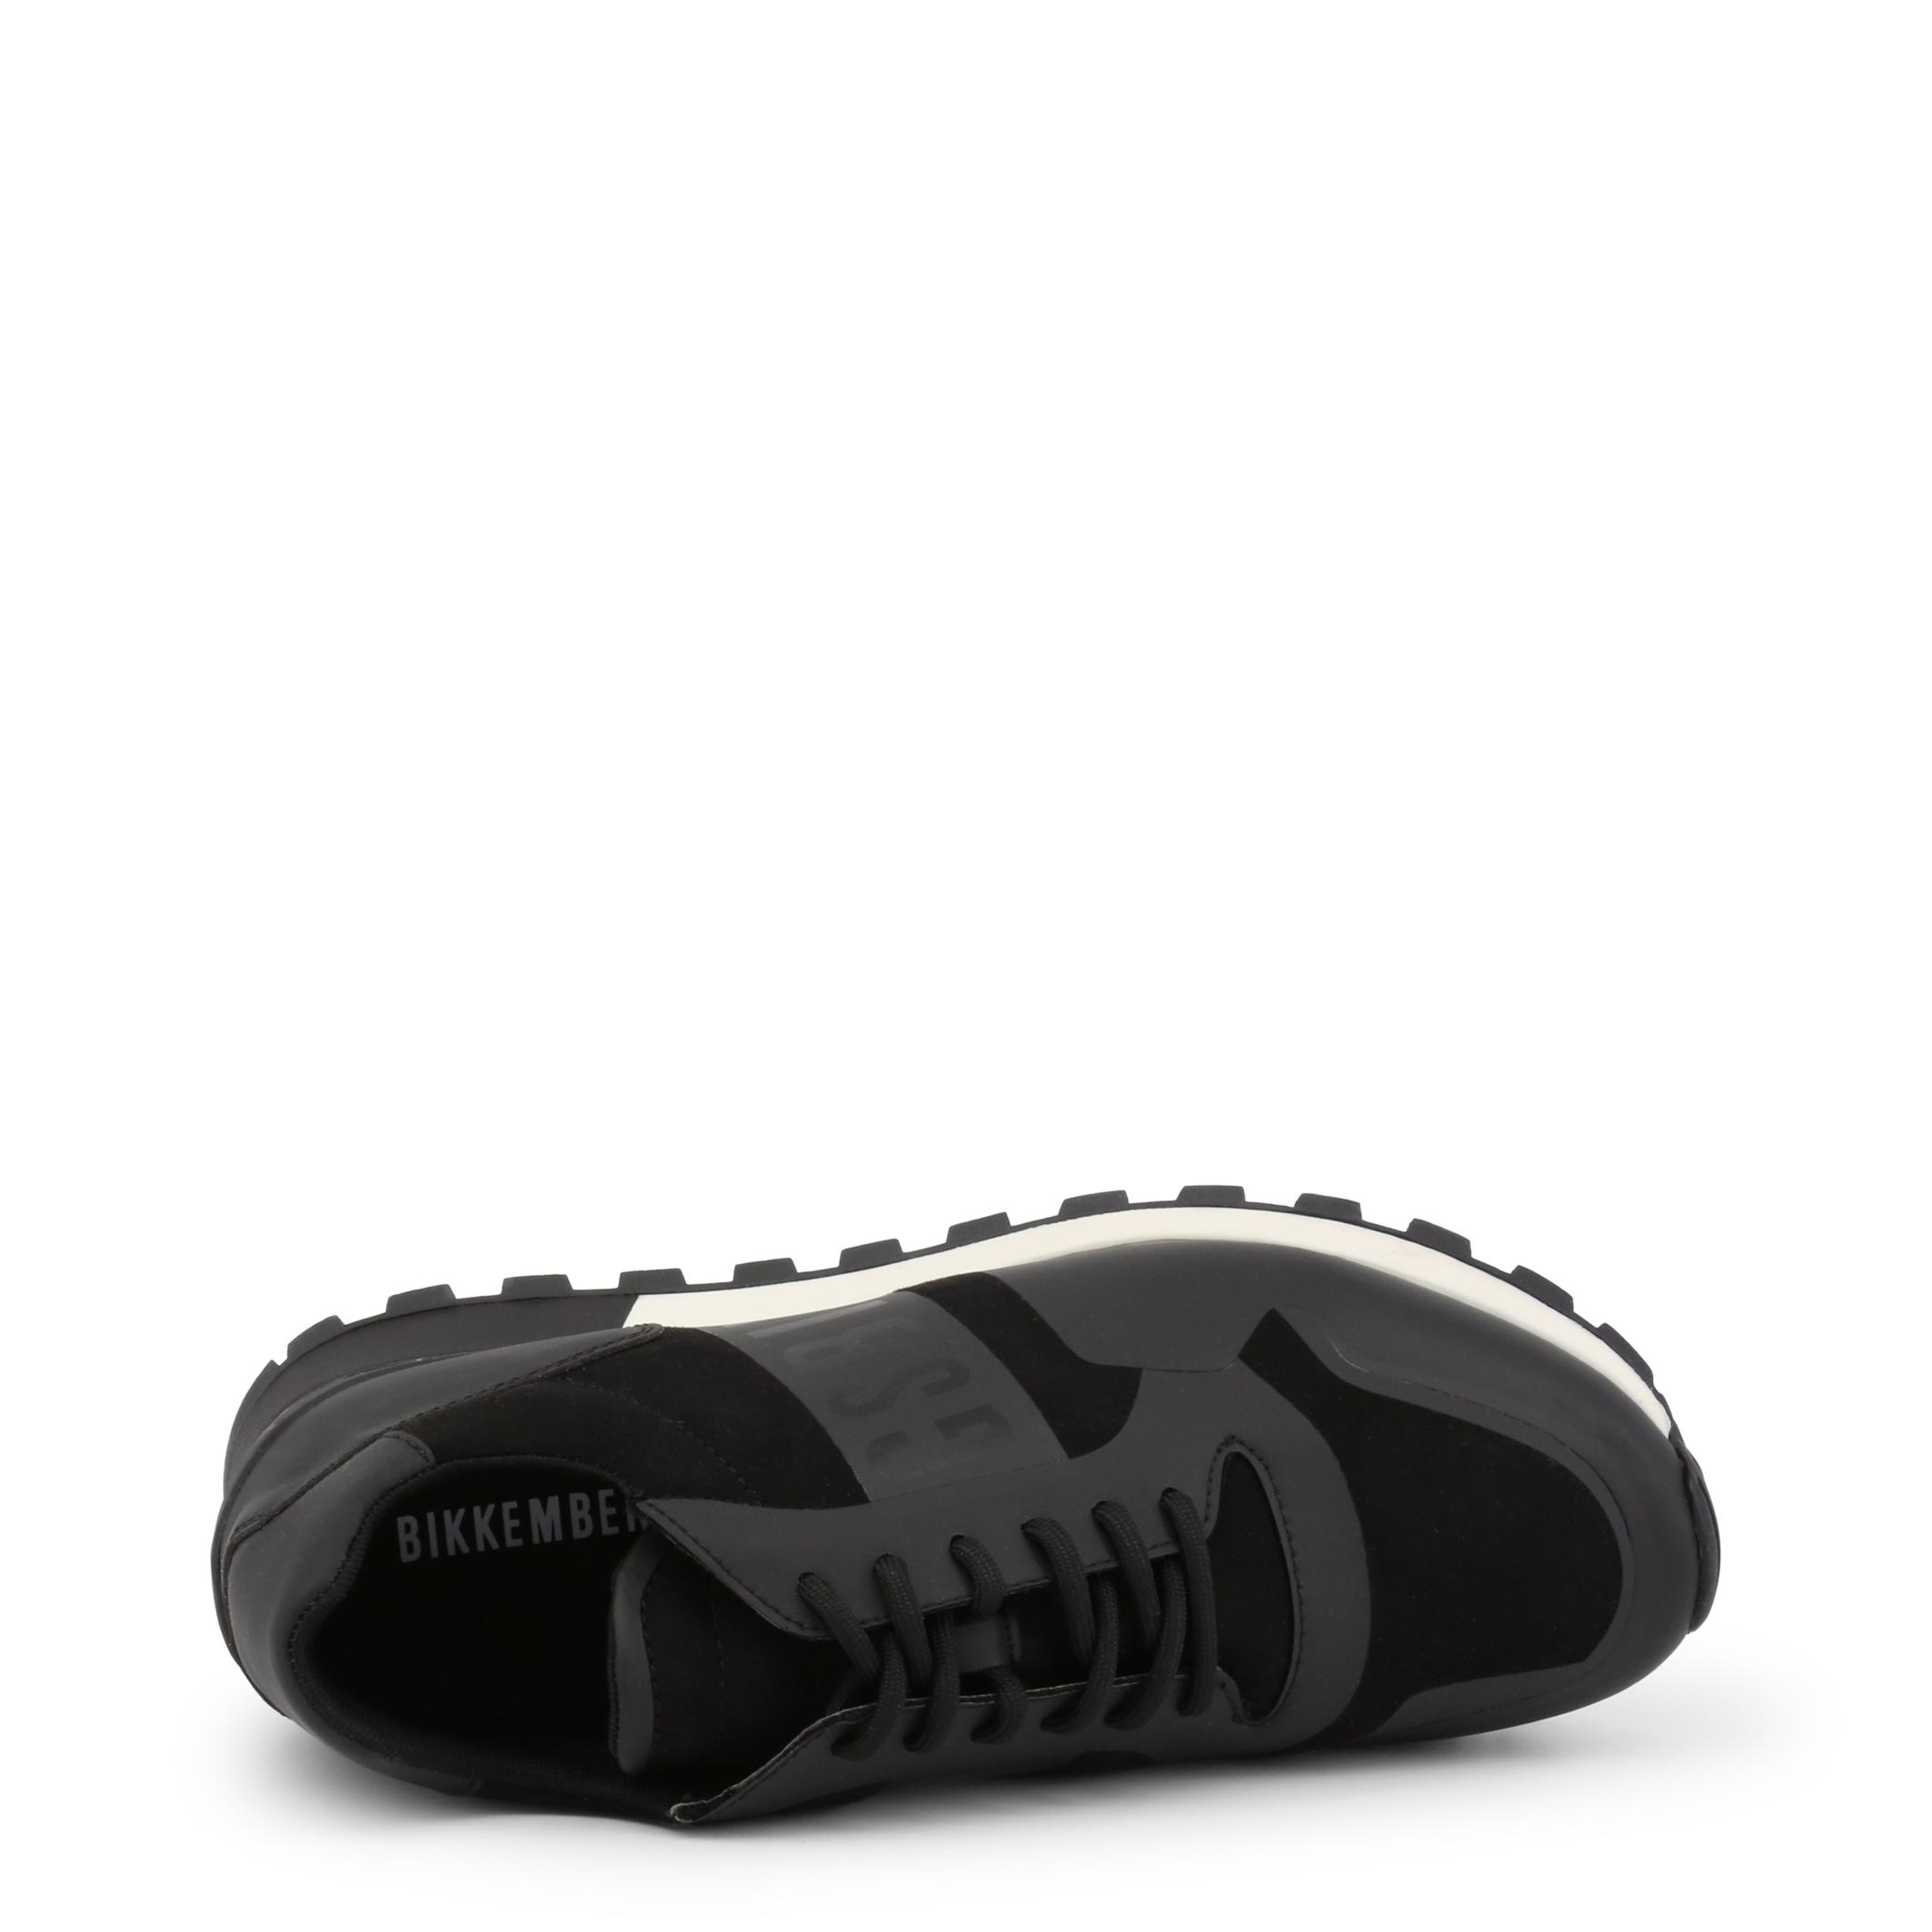 Baskets / Sport  Bikkembergs FEND-ER_1944 black